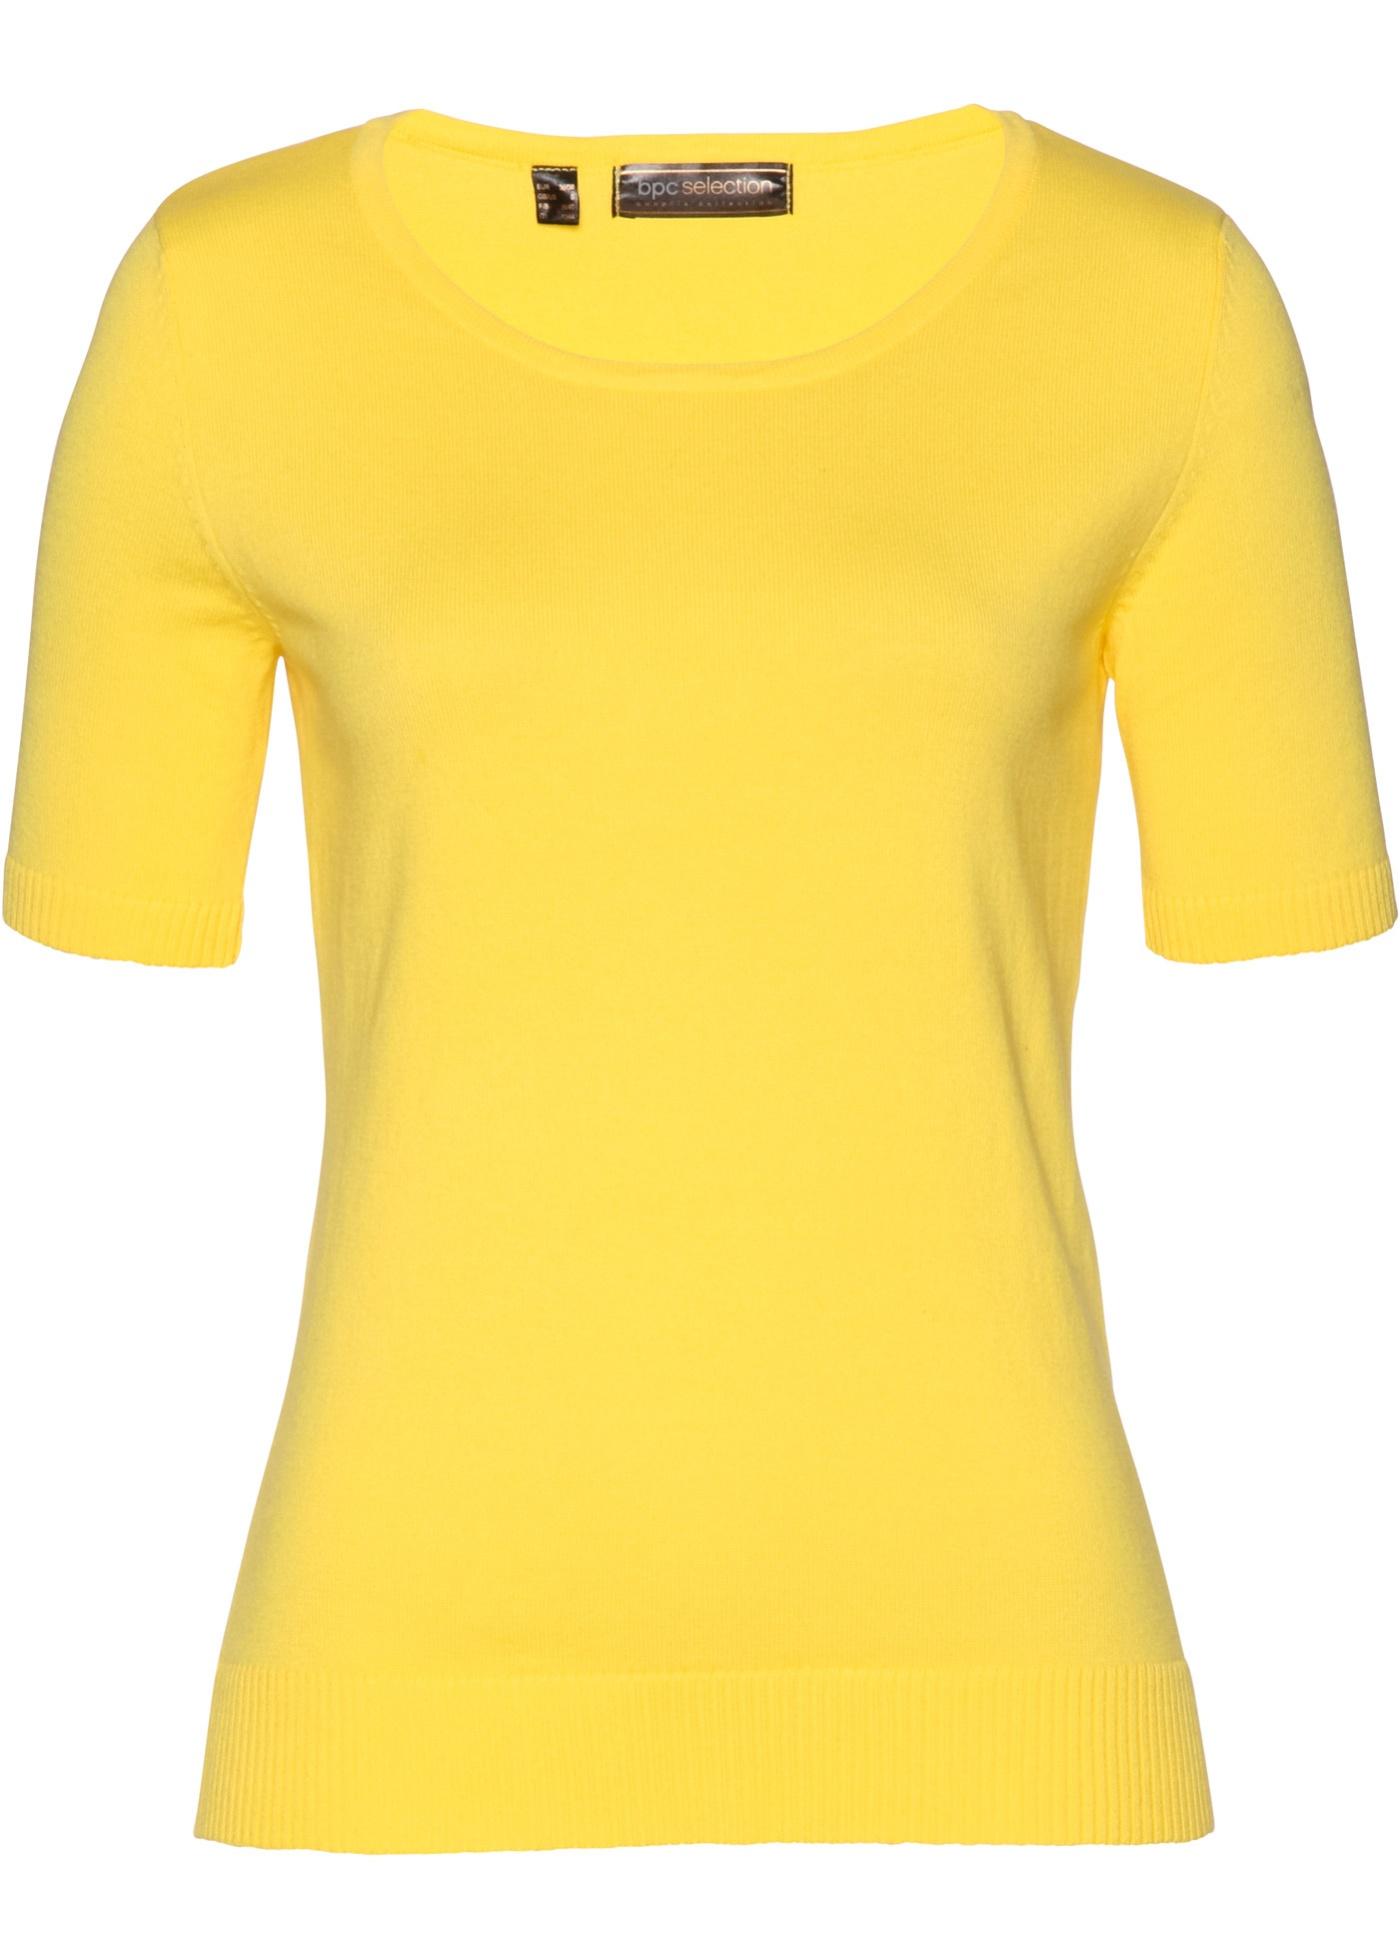 Pullover (Giallo) - bpc selection